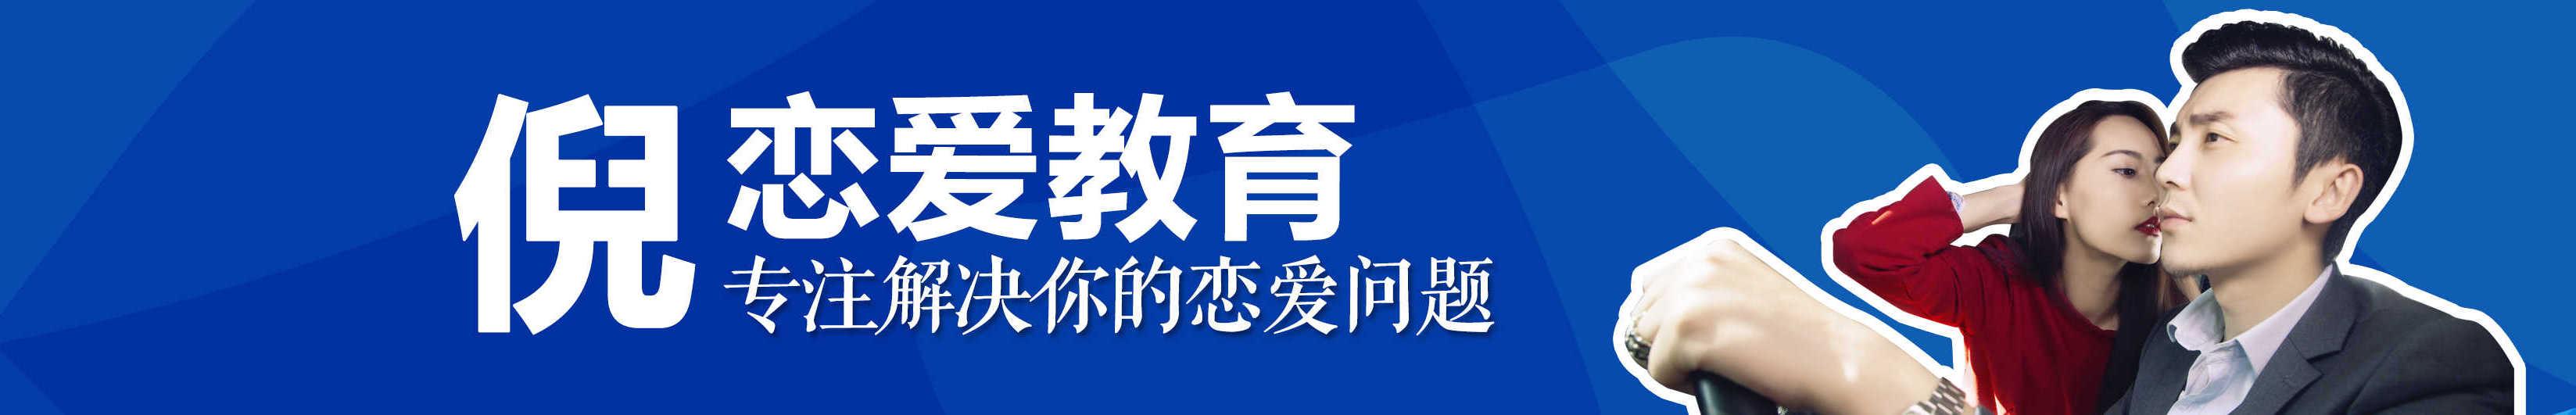 倪恋爱教育 banner